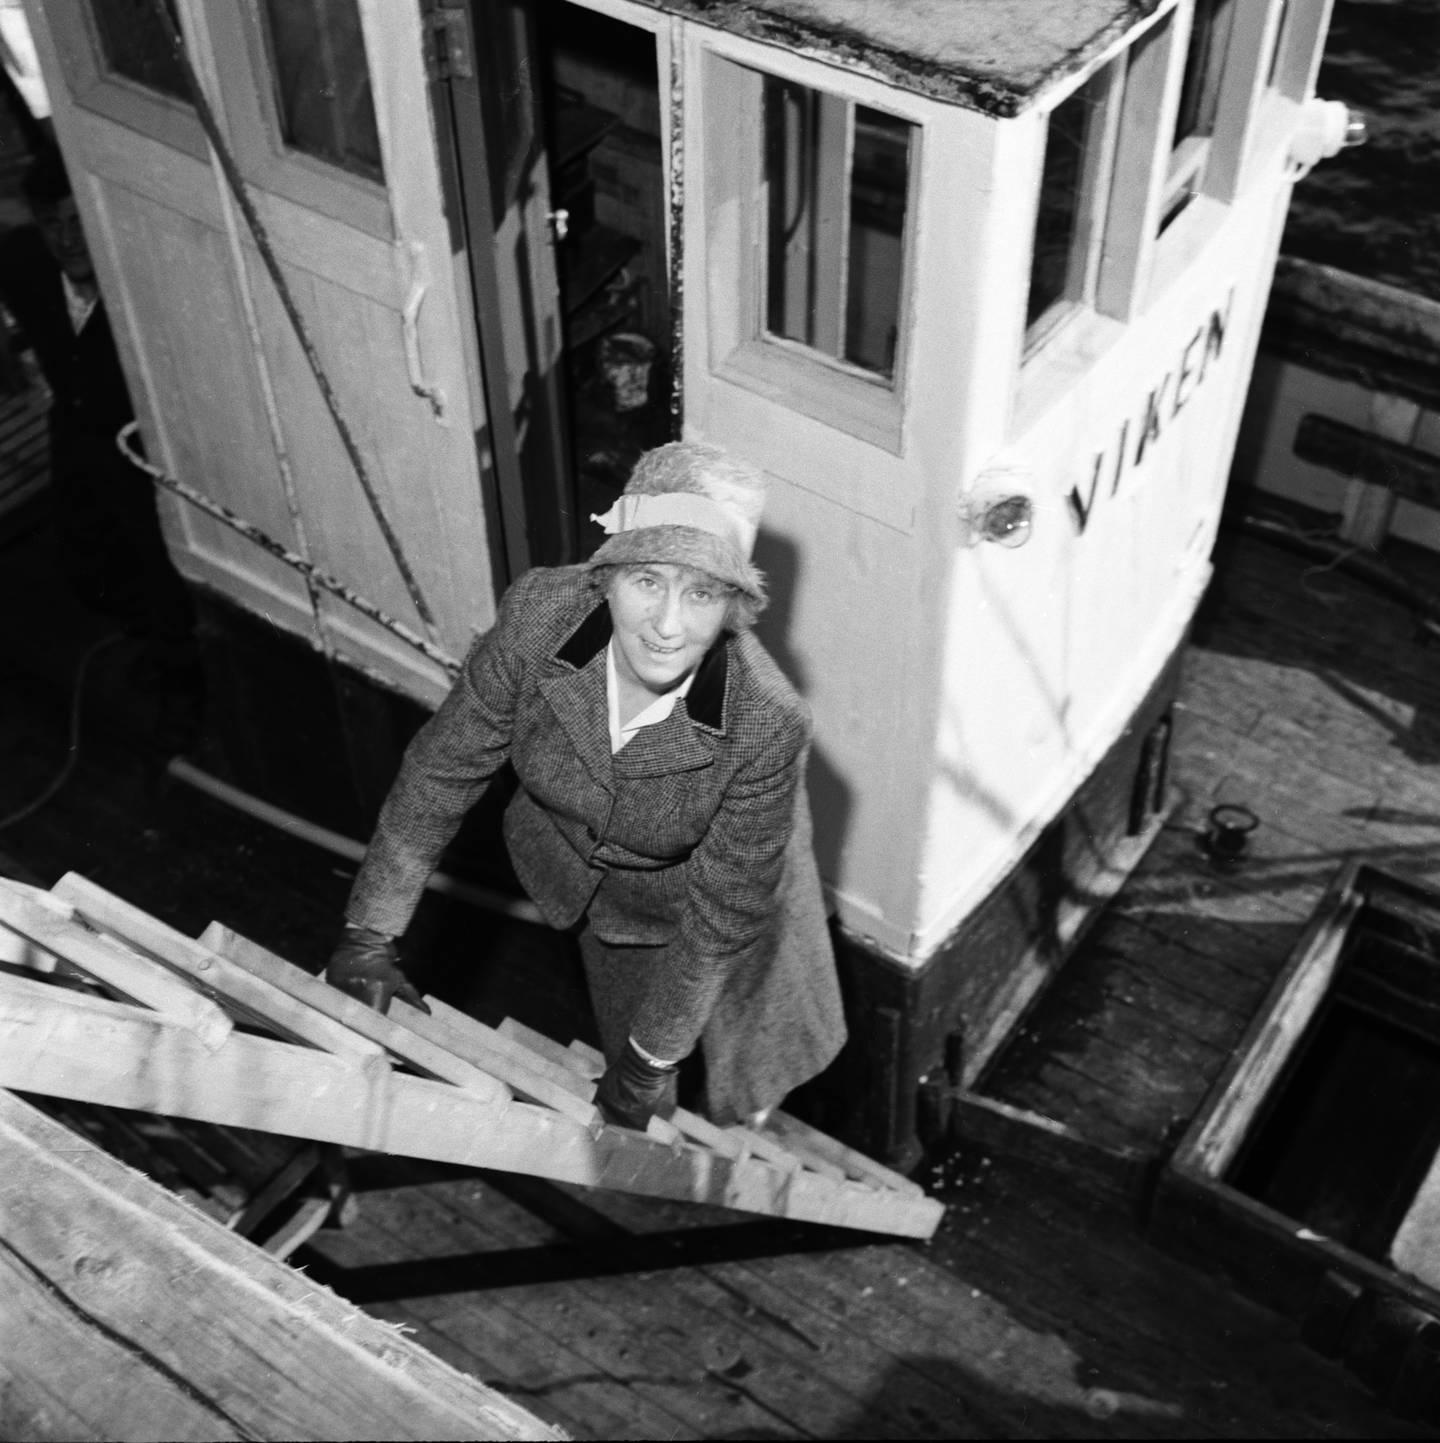 PÅ PRESTESSKØYTA: Ingrid Bjerkås ble ordinert til sogneprest i Berg og Torsken prestegjeld på Senja i Troms i 1961. Det blir mange og lange reiser med presteskøyta Viken, som frakter Bjerkås rundt i distriktet hennes.